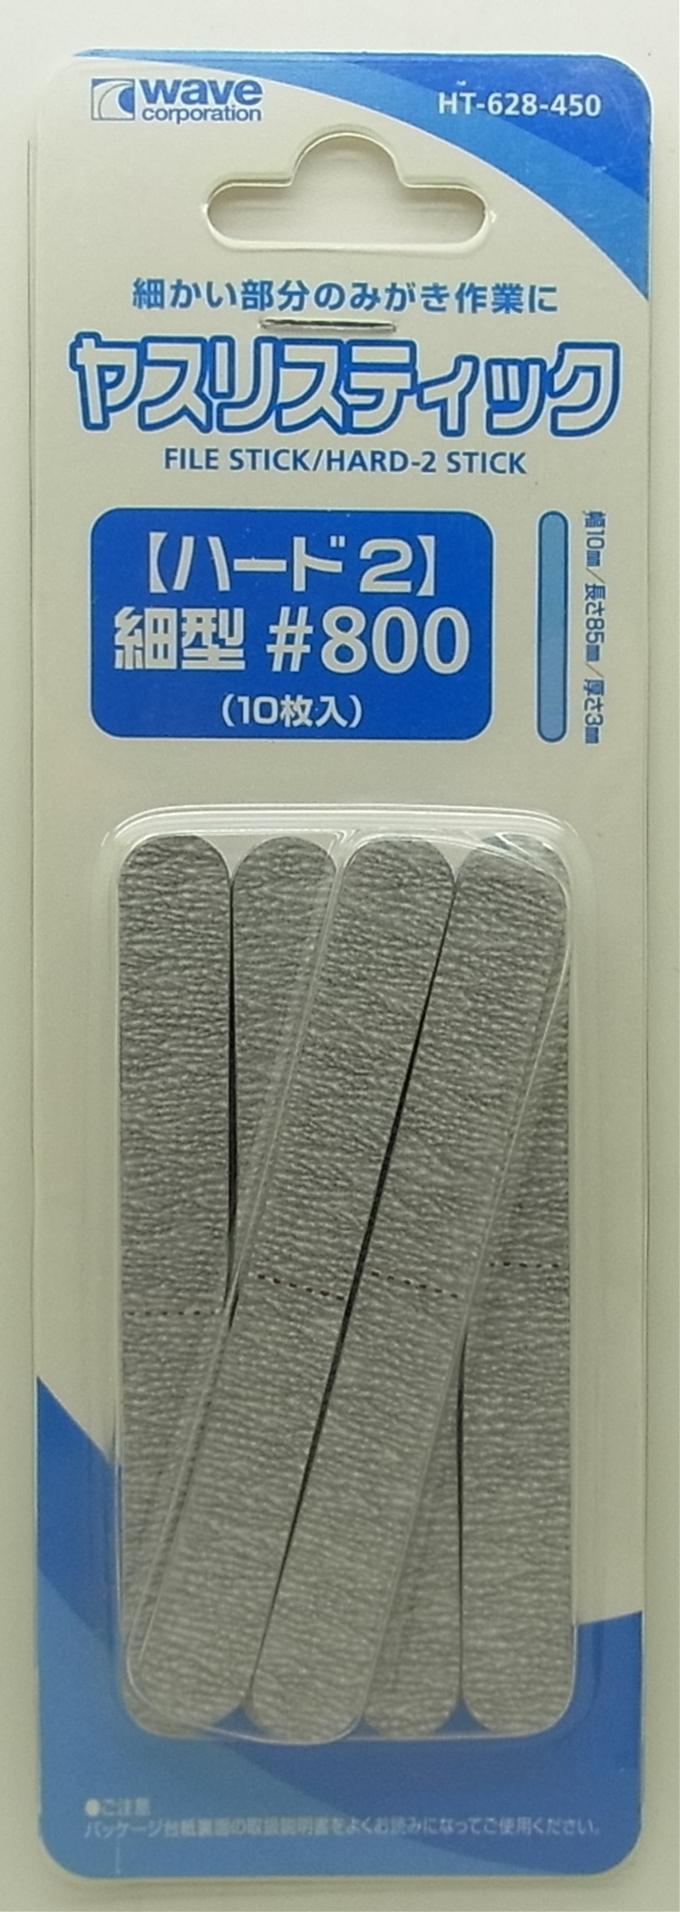 HT-628 ヤスリスティック#800 HARD2 細型 10枚入り 85mm × 10mm ×4mm